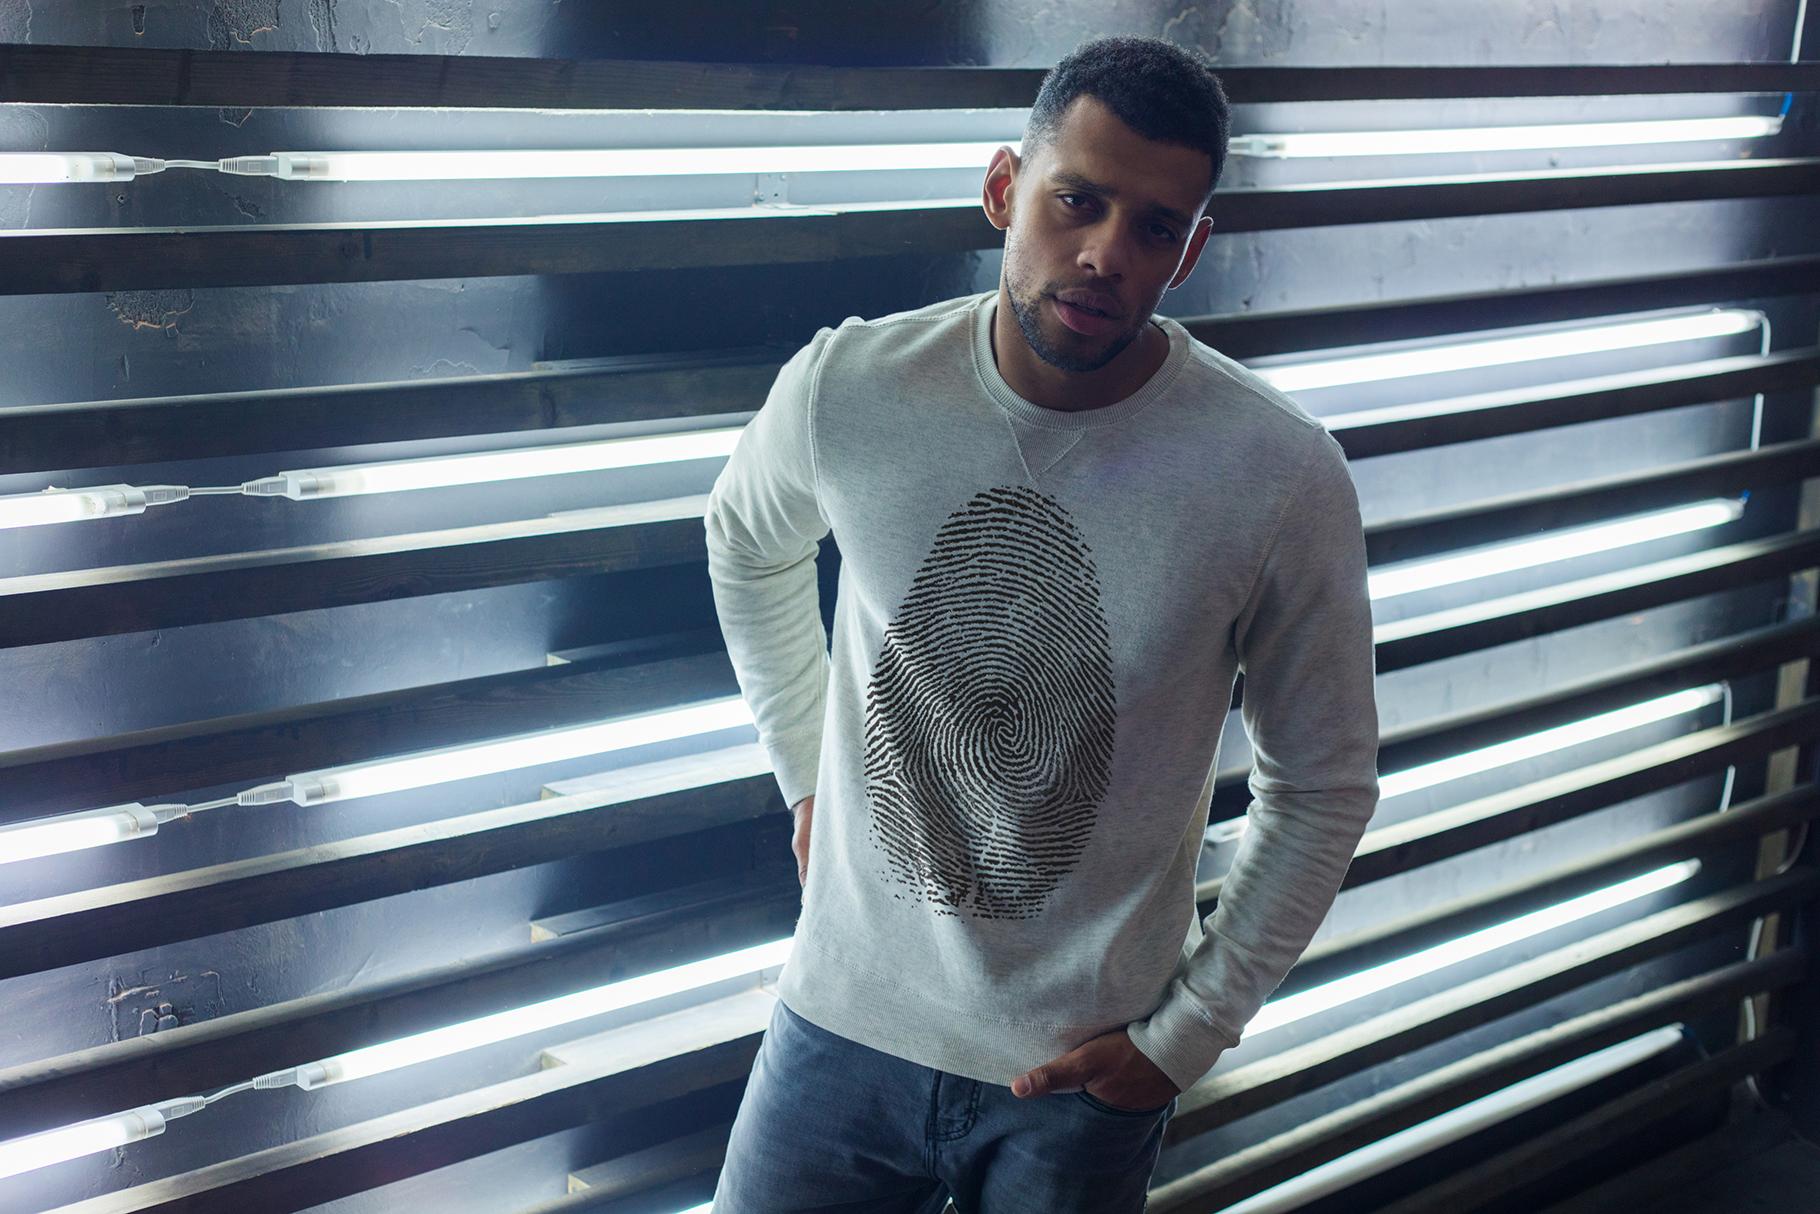 Sweatshirt Mock-Up 2018 #33 example image 22